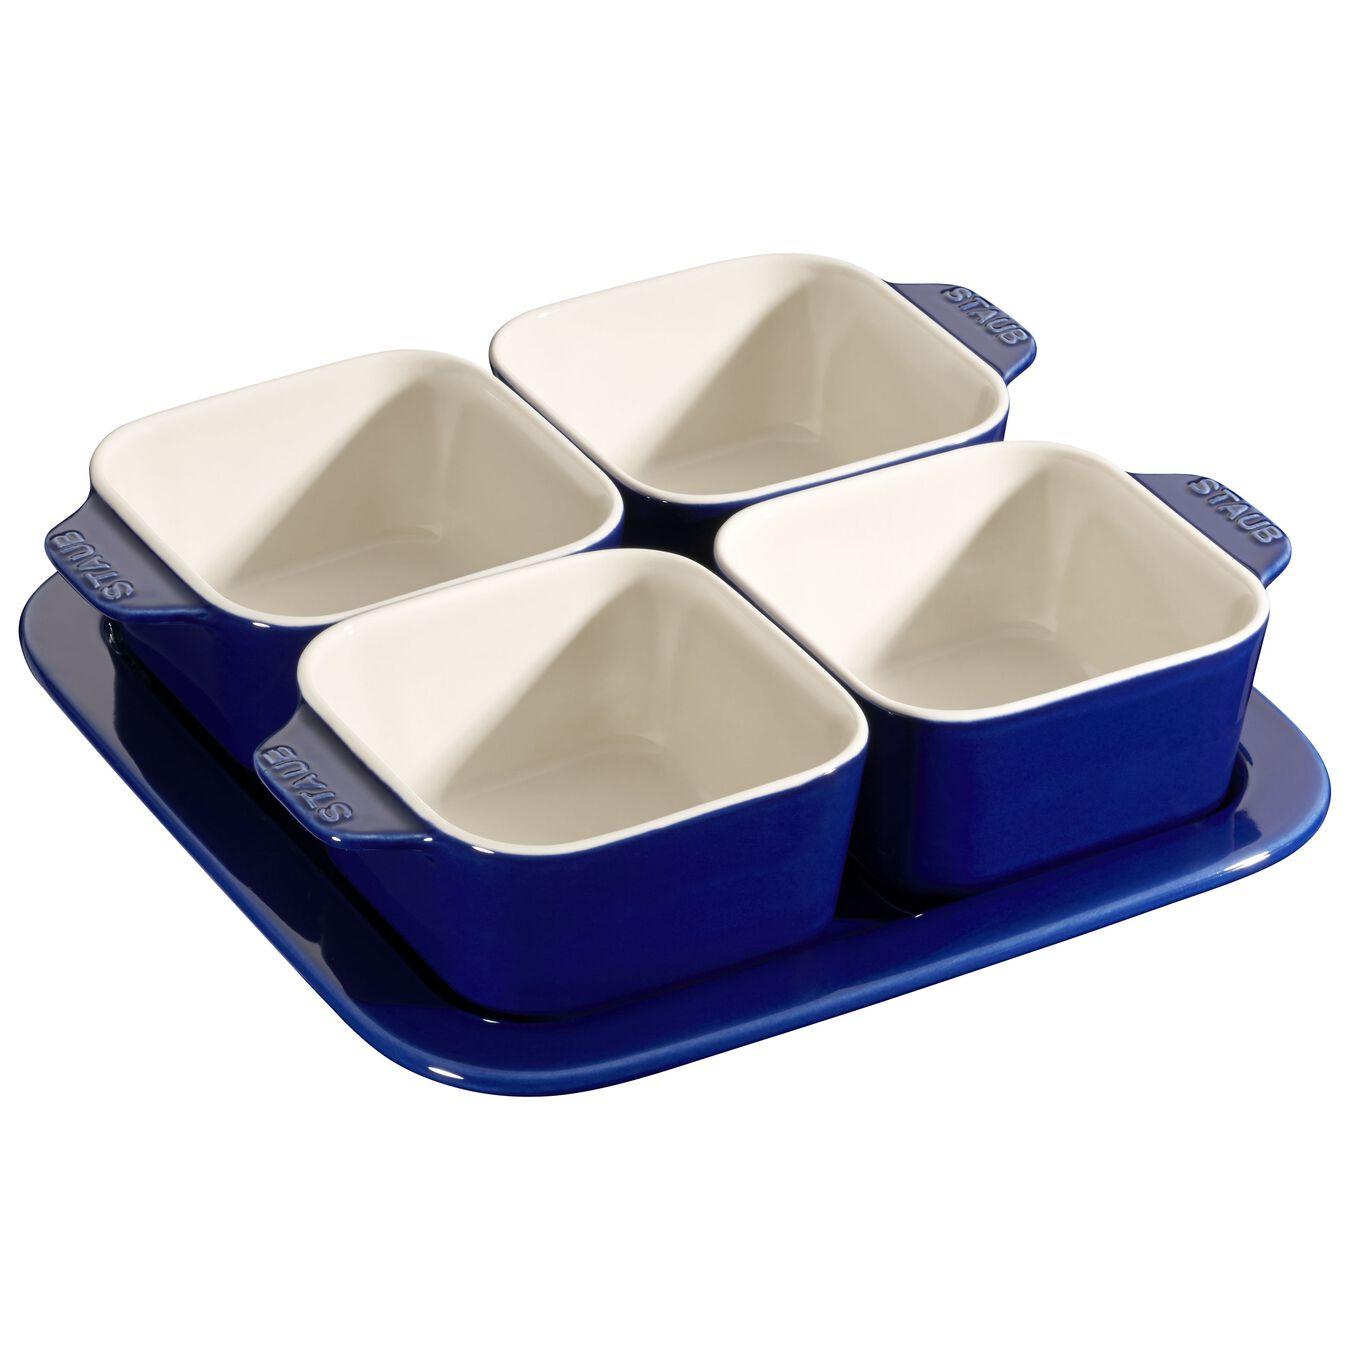 5-pcs Ceramic Service à hors-d'œuvre, Dark-Blue,,large 1